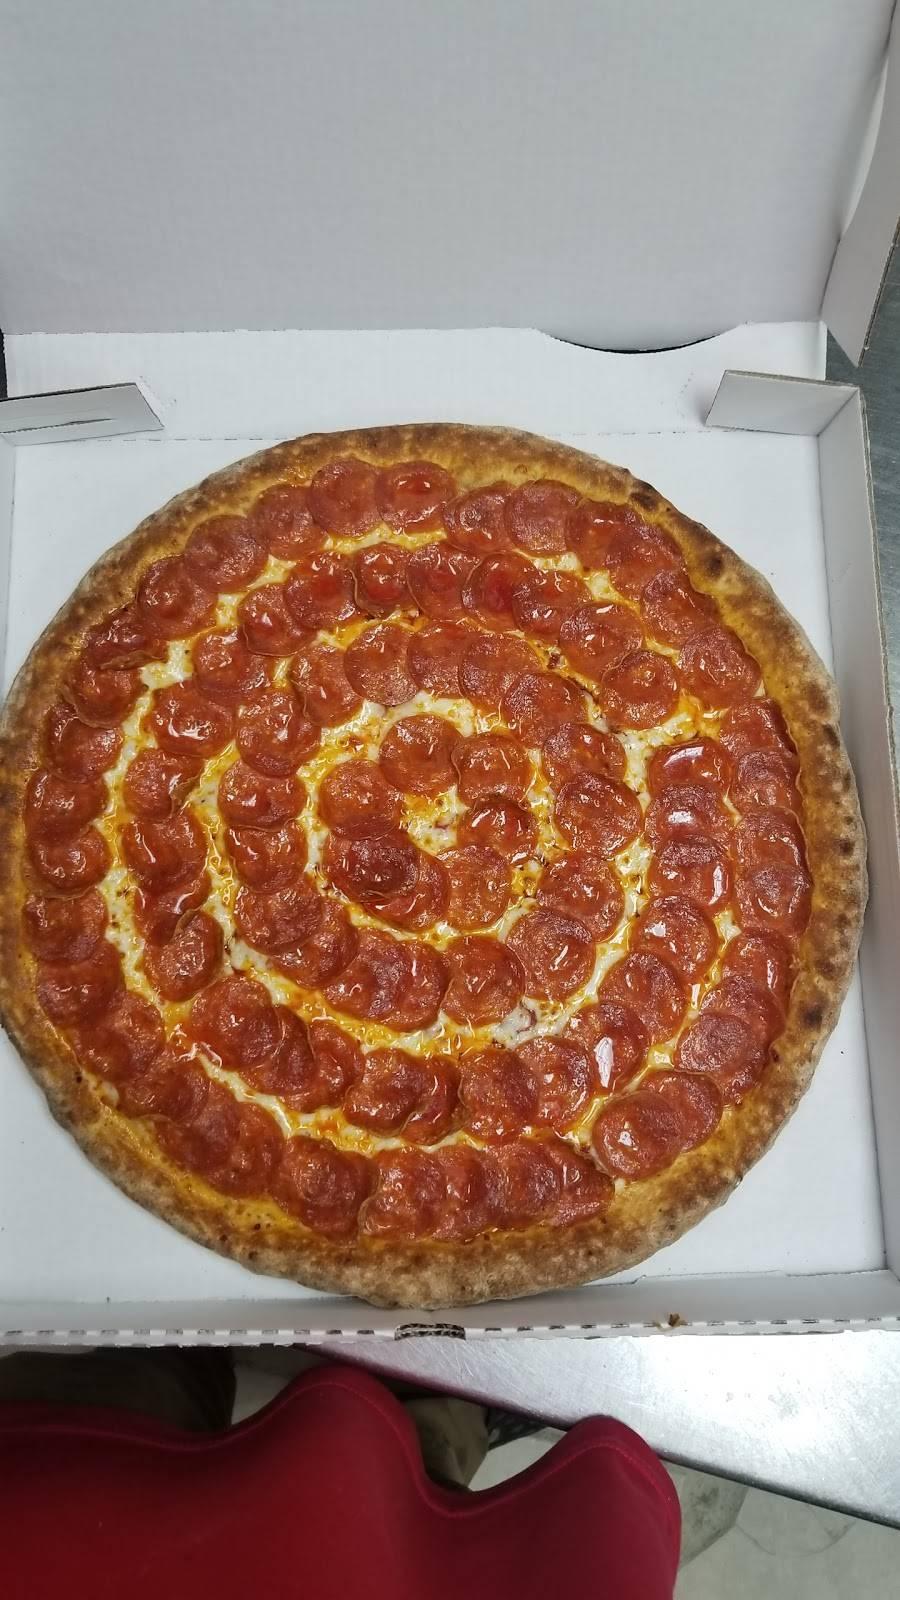 Papa Johns Pizza | restaurant | 601 Rogers Ave, Brooklyn, NY 11225, USA | 7187747272 OR +1 718-774-7272